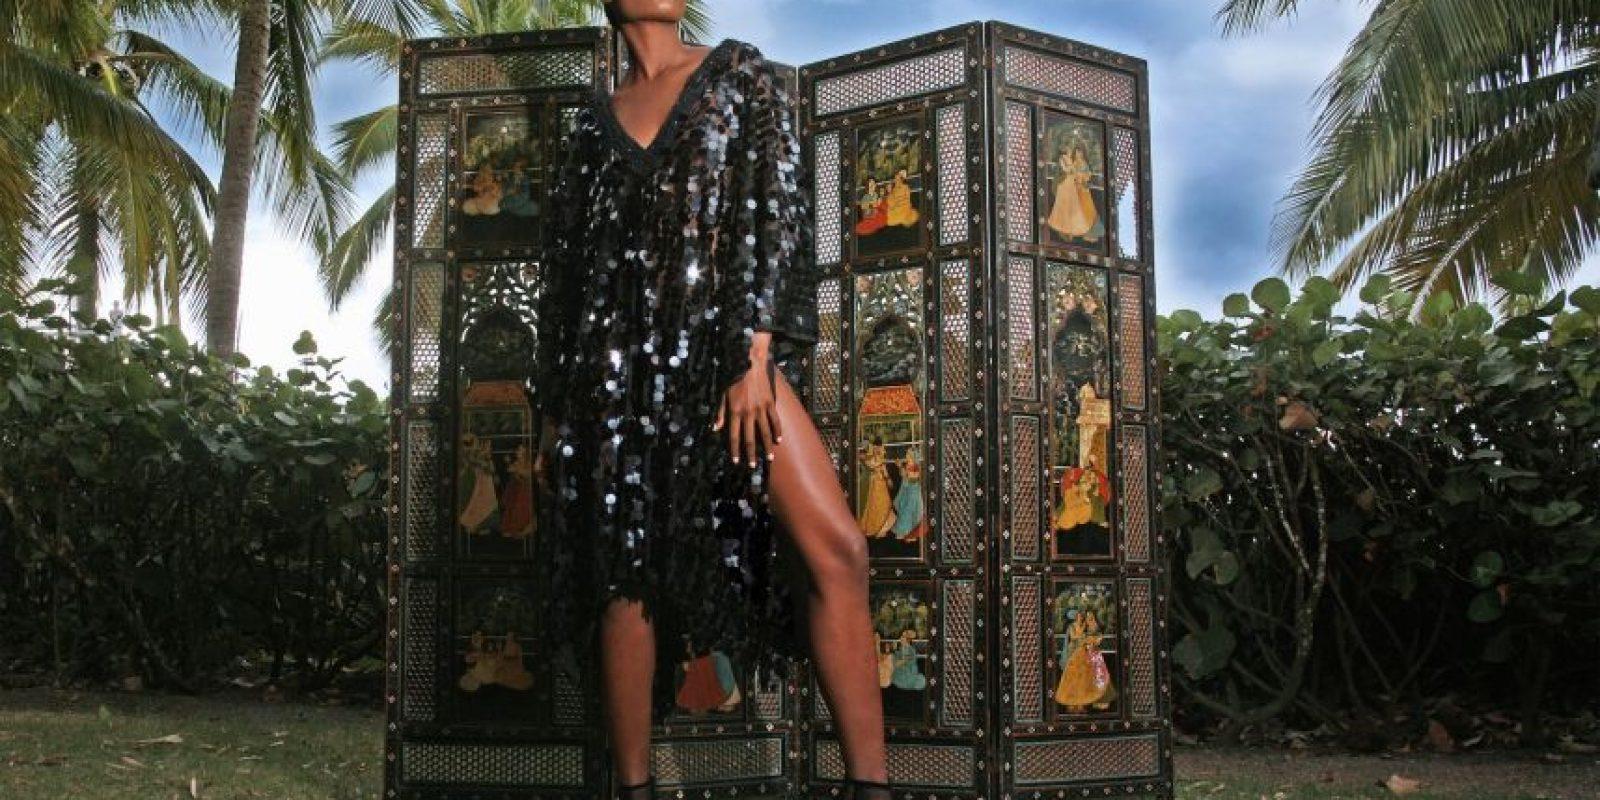 La jornada de moda, belleza y turismo interno estará presentando colecciones Primavera Verano 2017, del 16 al 18 de septiembre con una variada cartera de más de 20 diseñadores locales e internacionales en un montaje de Midnight Express. Foto:Suministrada. Imagen Por: